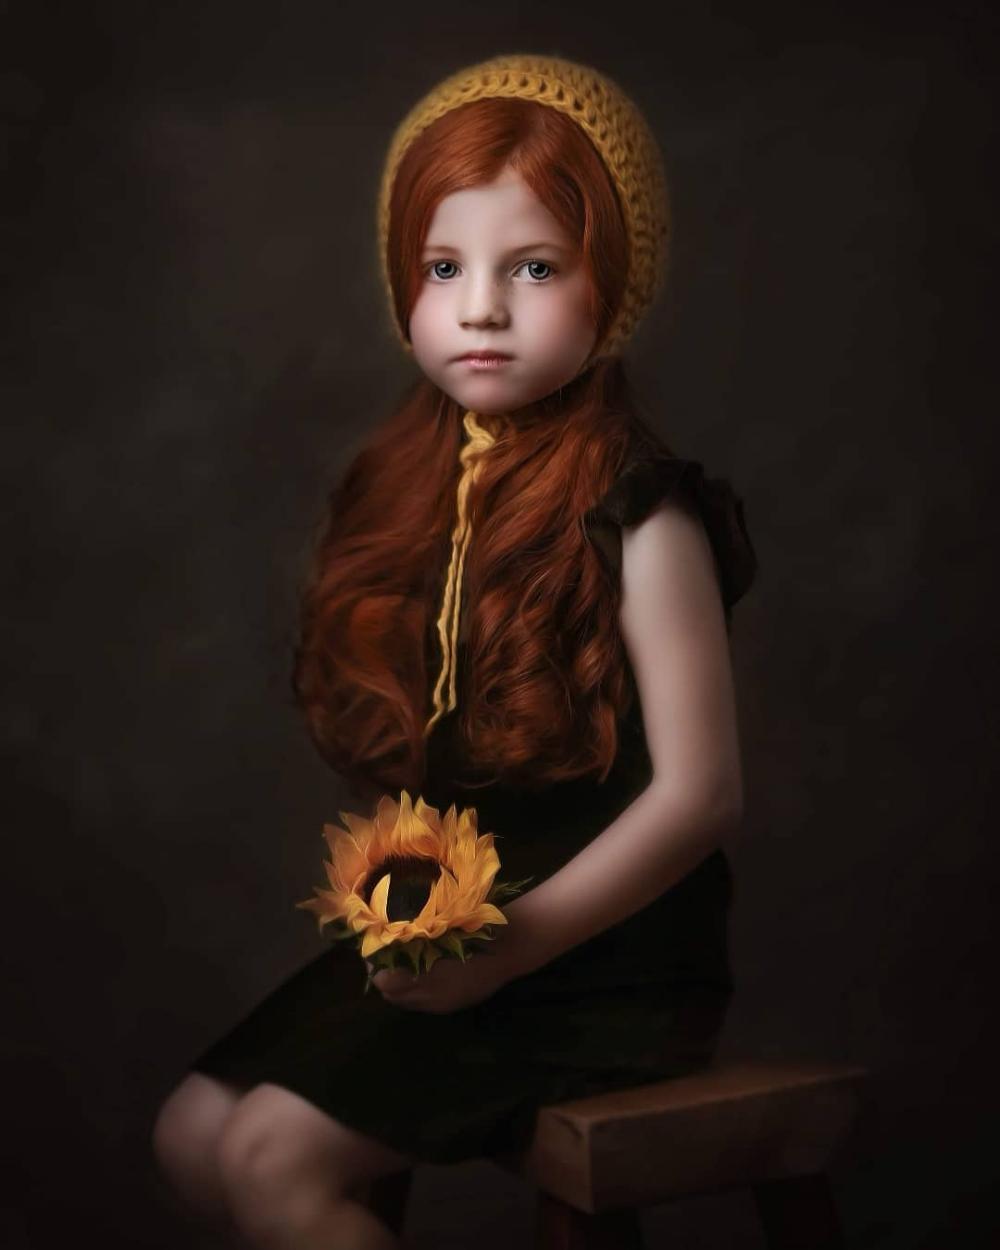 Children photography - Award-winning Fine Art Modern